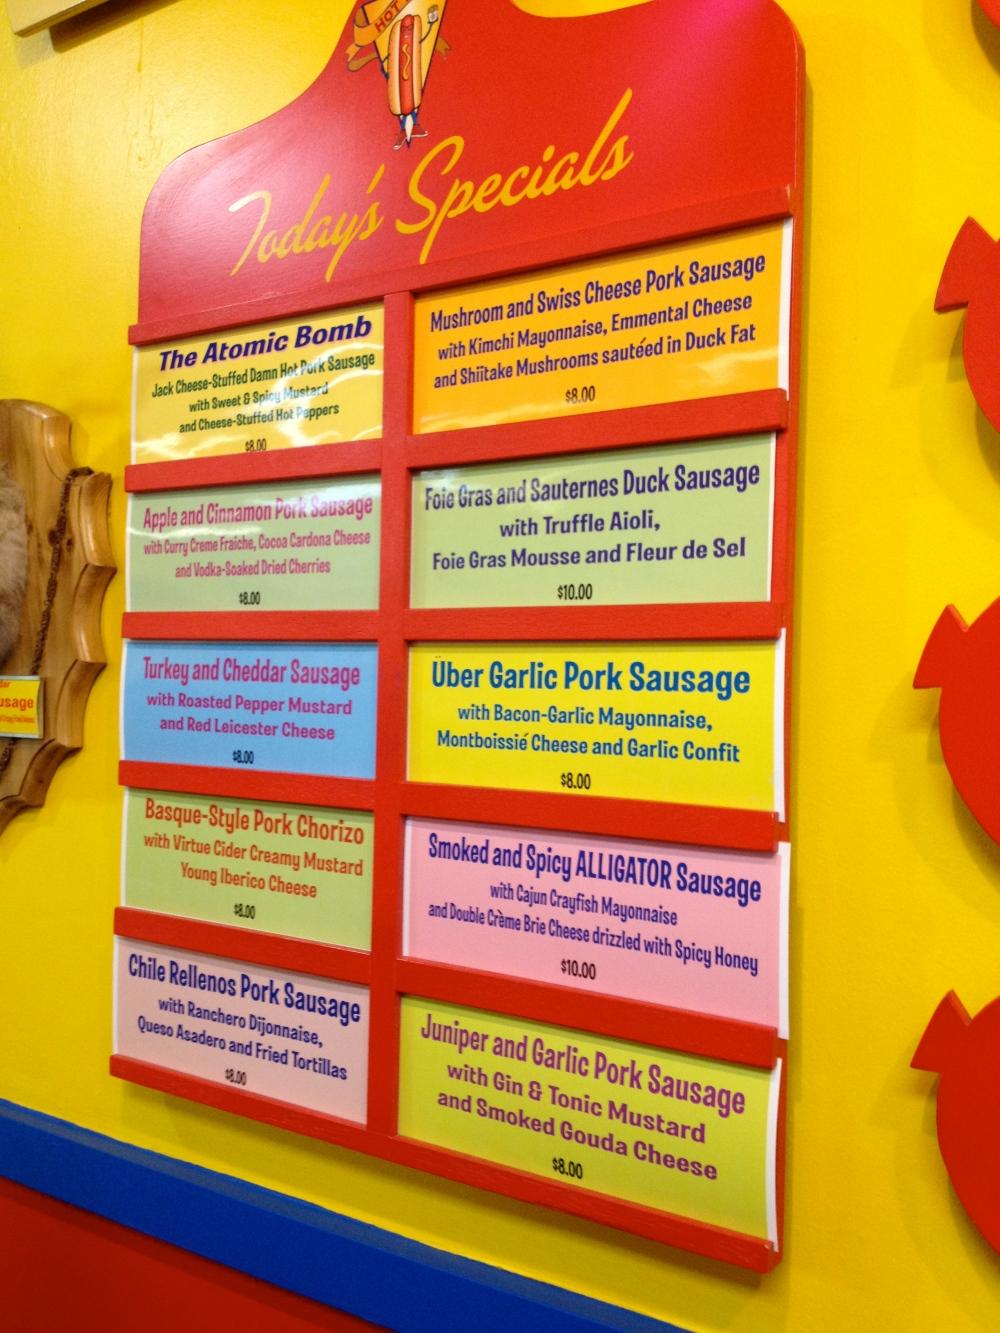 Hot Doug's Specials